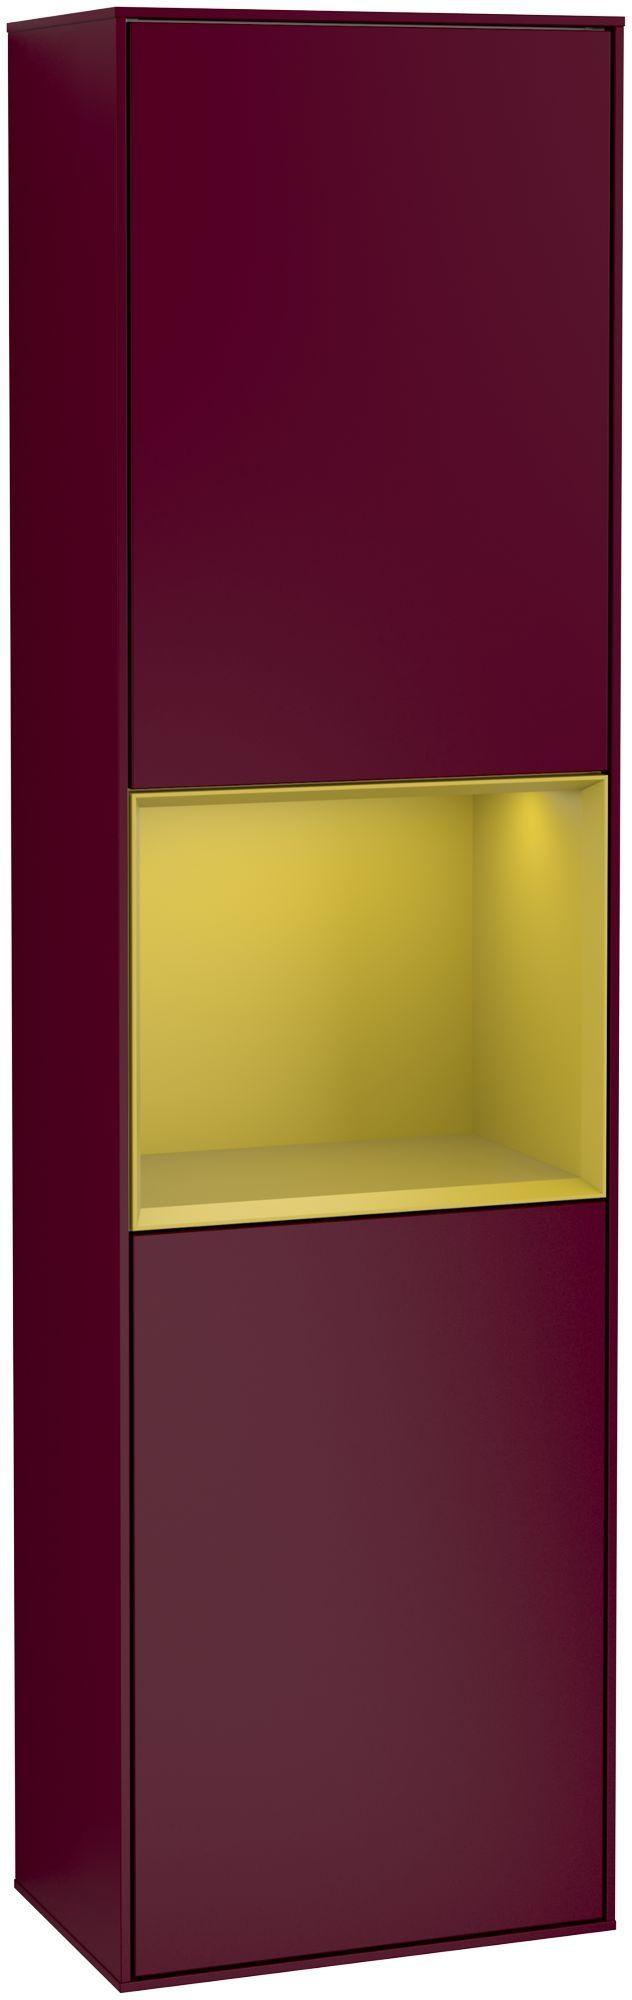 Villeroy & Boch Finion G47 Hochschrank mit Regalelement 2 Türen Anschlag rechts LED-Beleuchtung B:41,8xH:151,6xT:27cm Front, Korpus: Peony, Regal: Sun G470HEHB